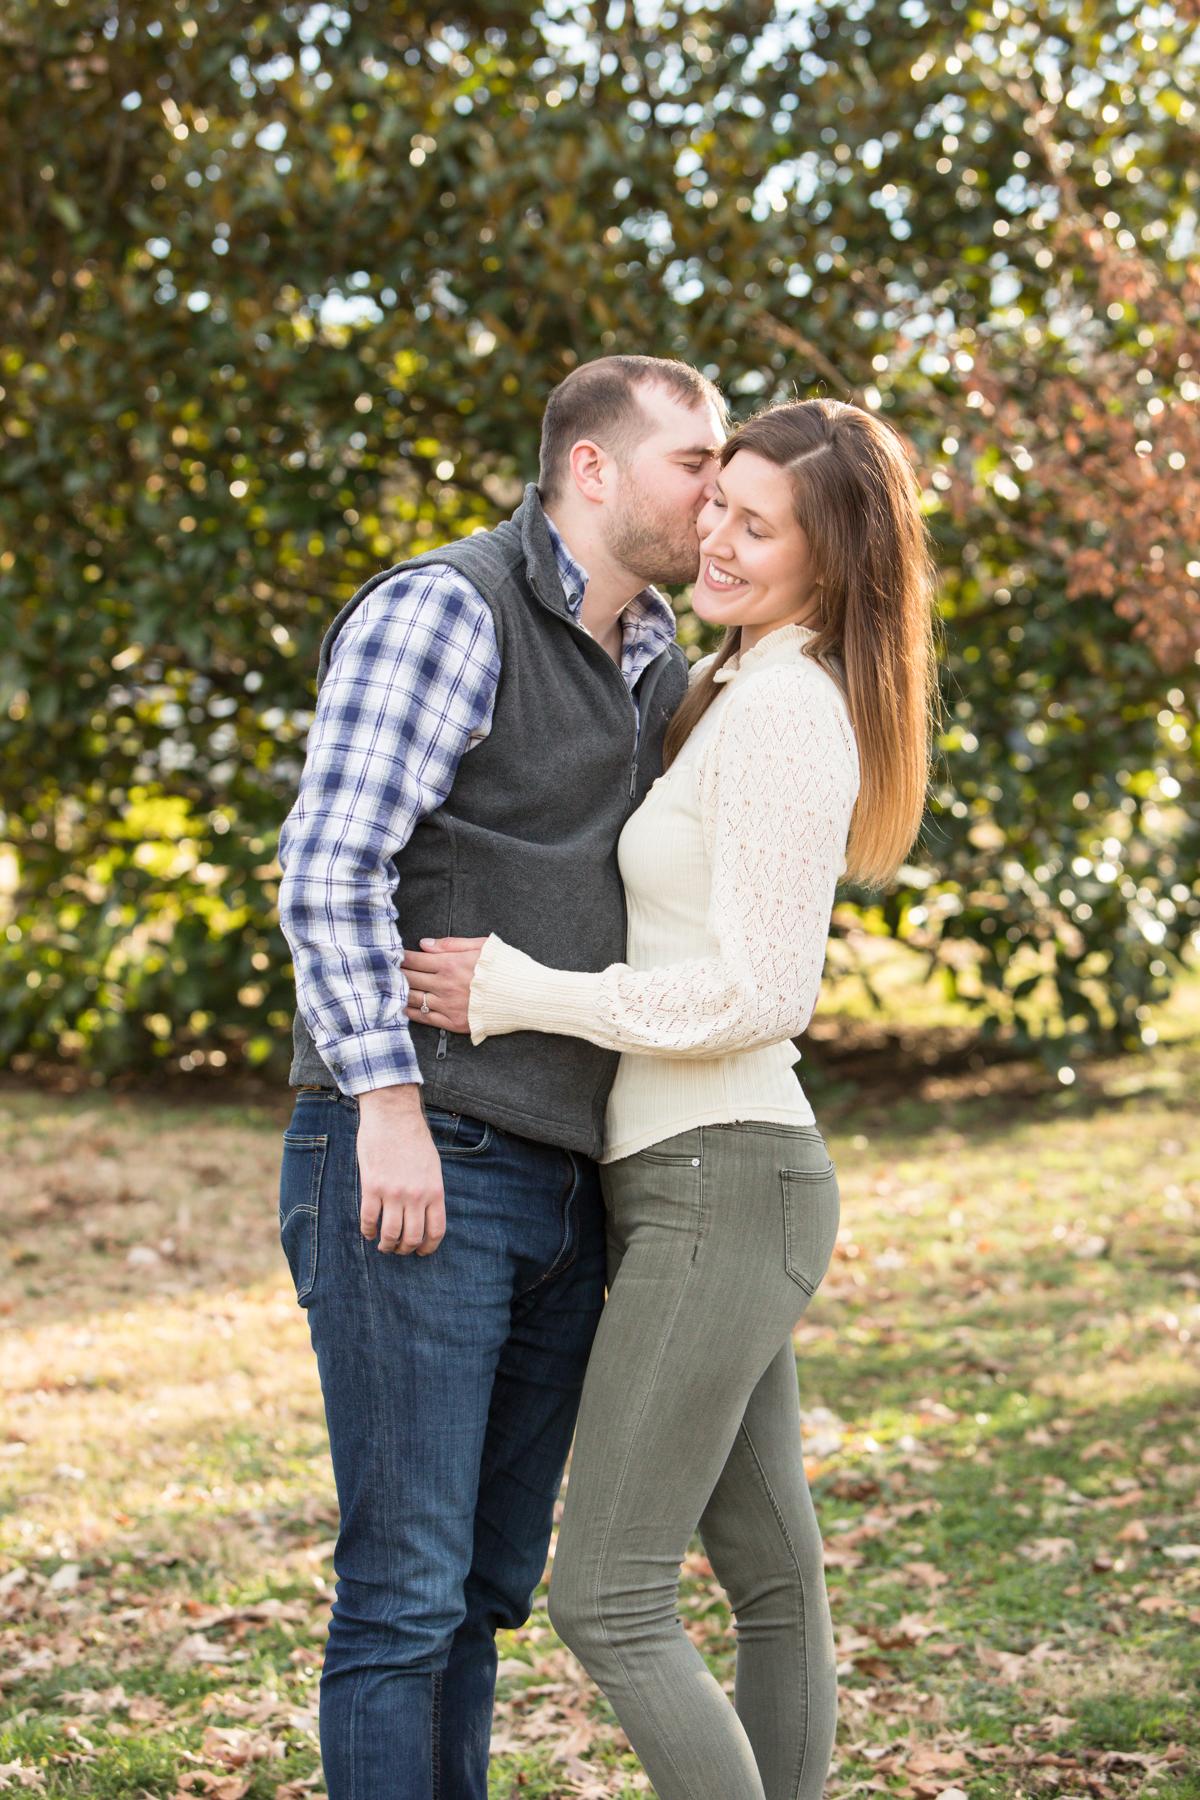 Lauren-and-Grant-Engagement-Centennial-Park-Nashville-Sneak-Peak-0011.jpg